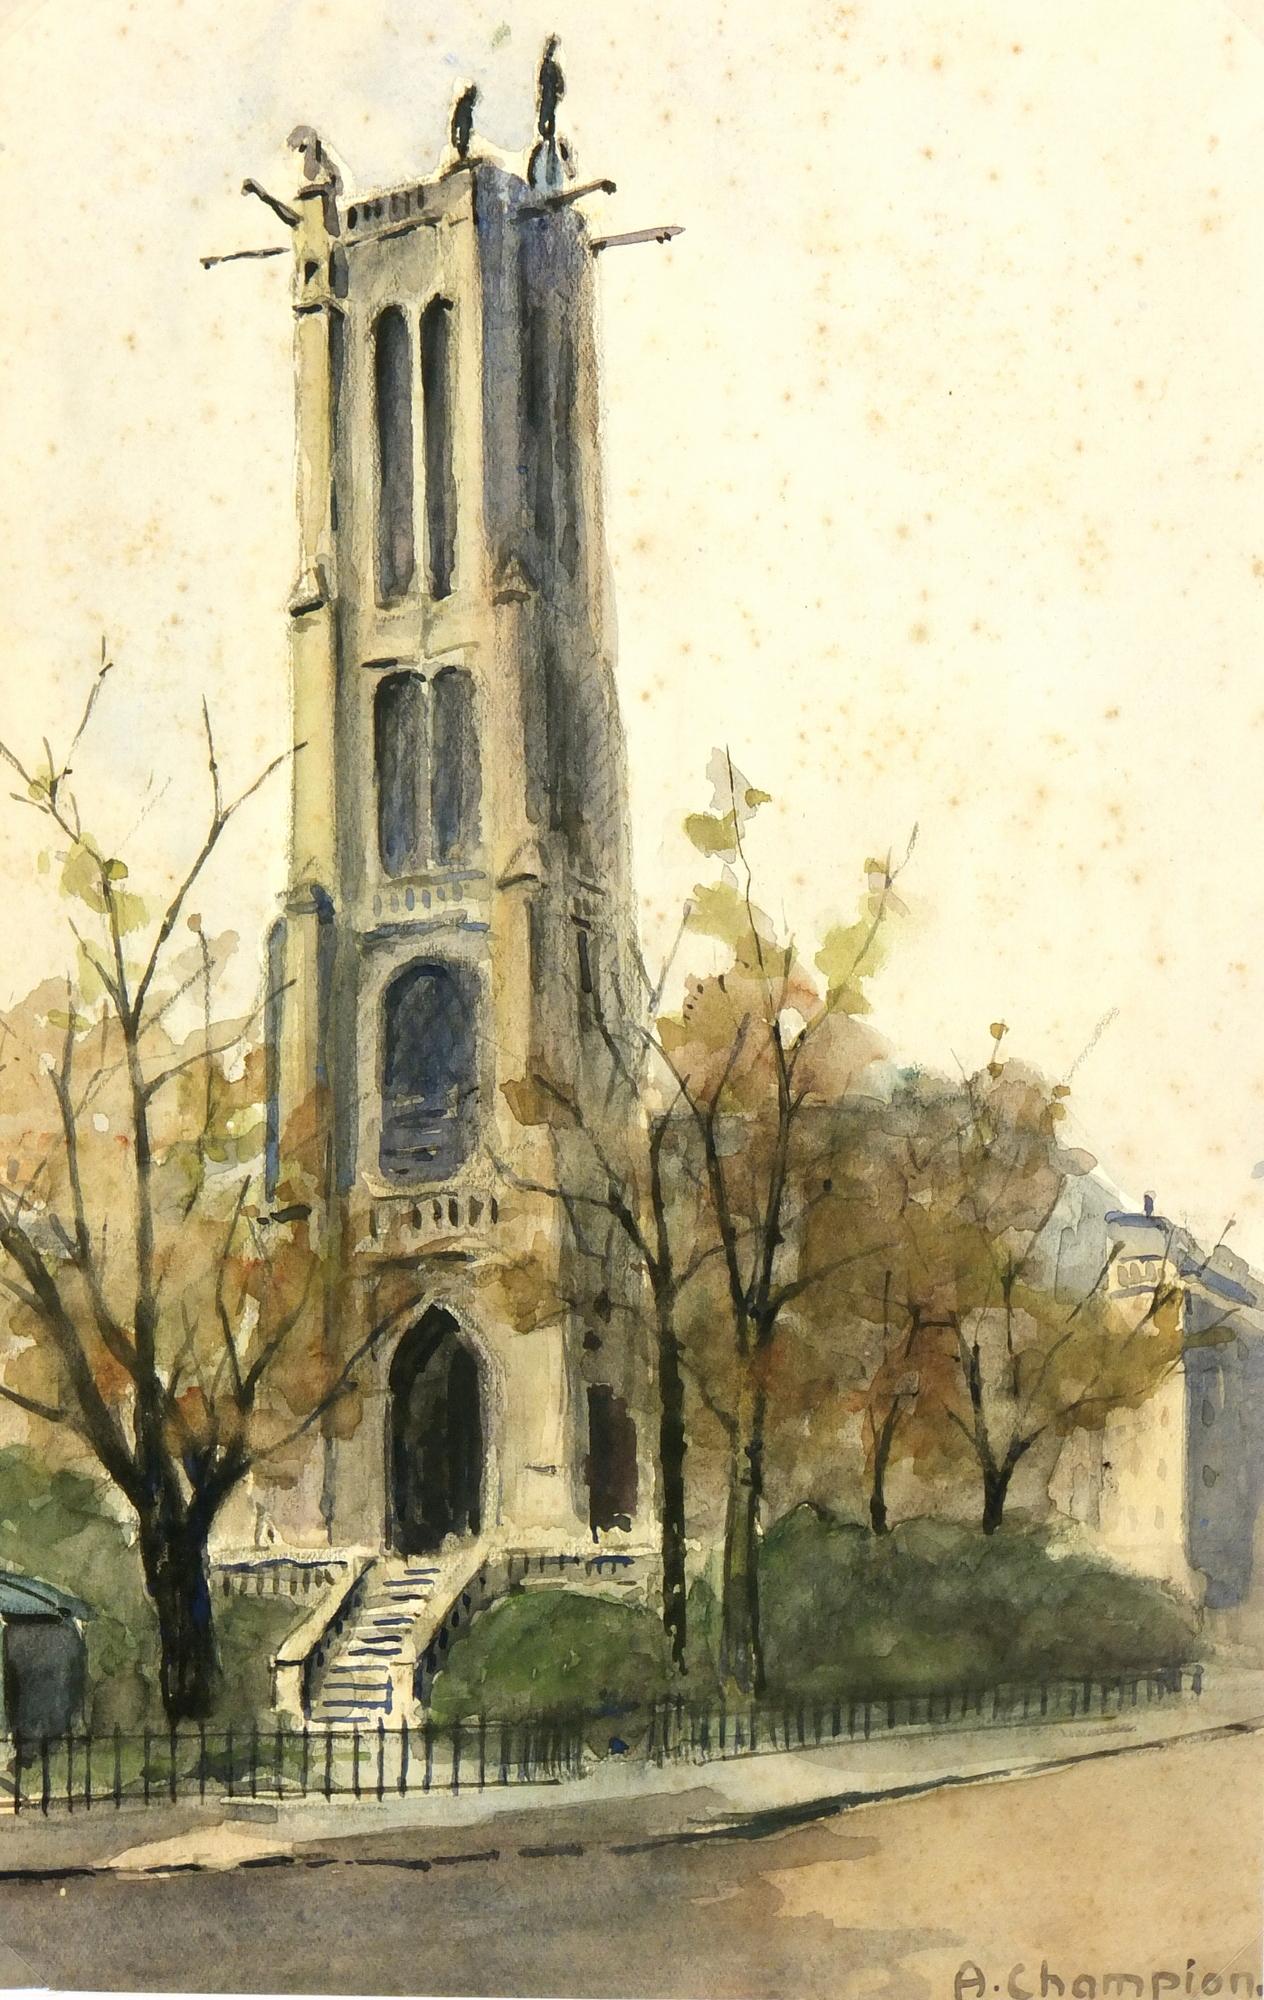 Watercolor Landscape- St. Jacques Tower Paris, Circa 1930-main-7840K